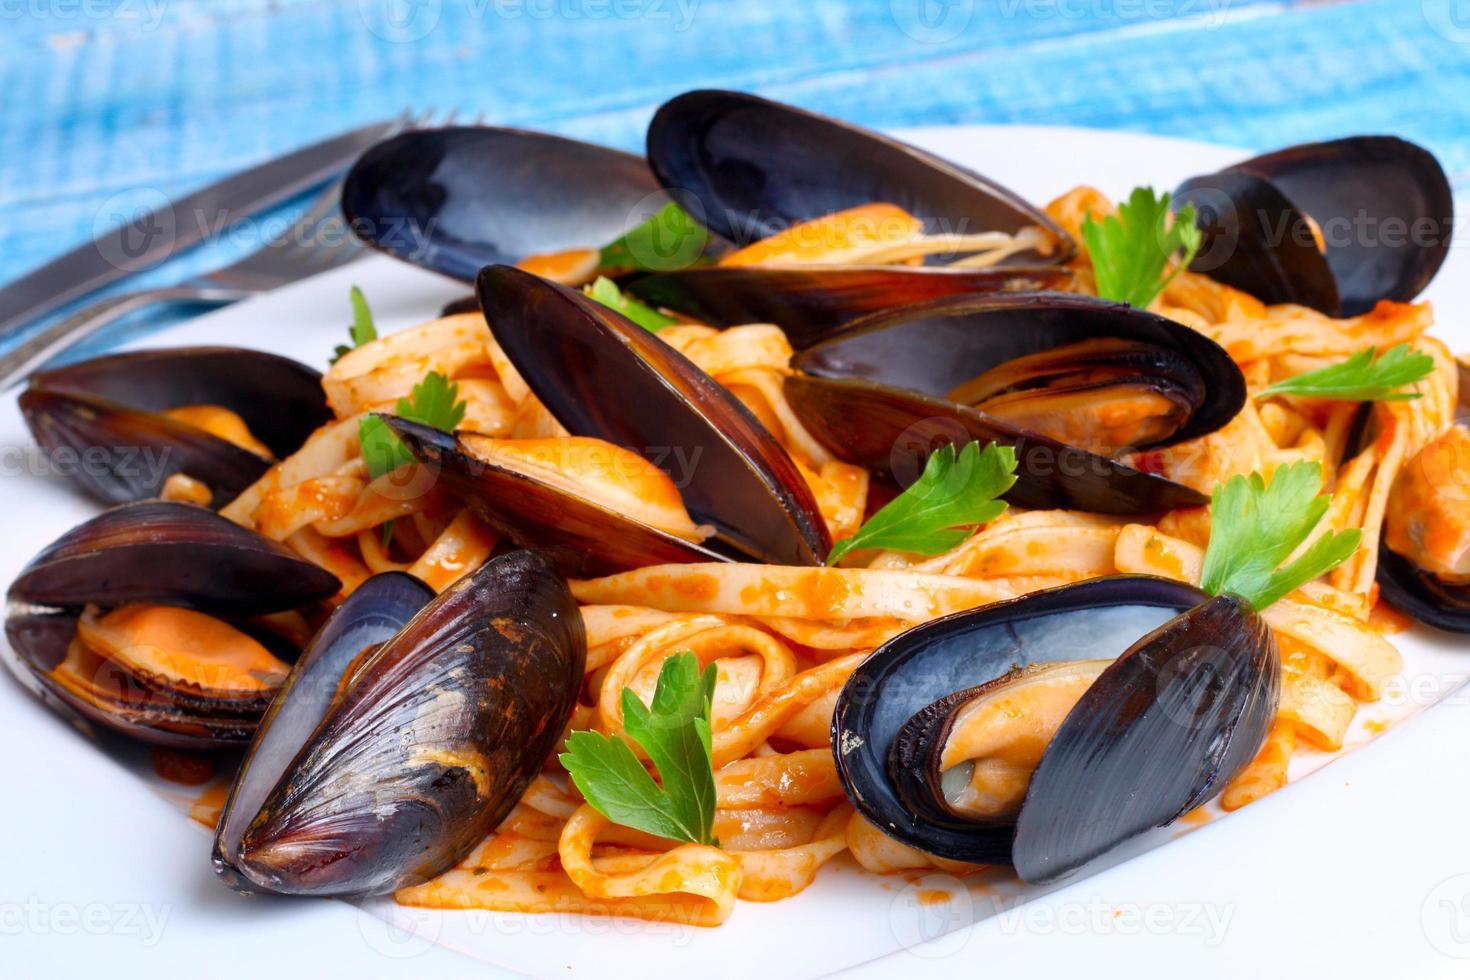 pasta con mejillones marisco foto